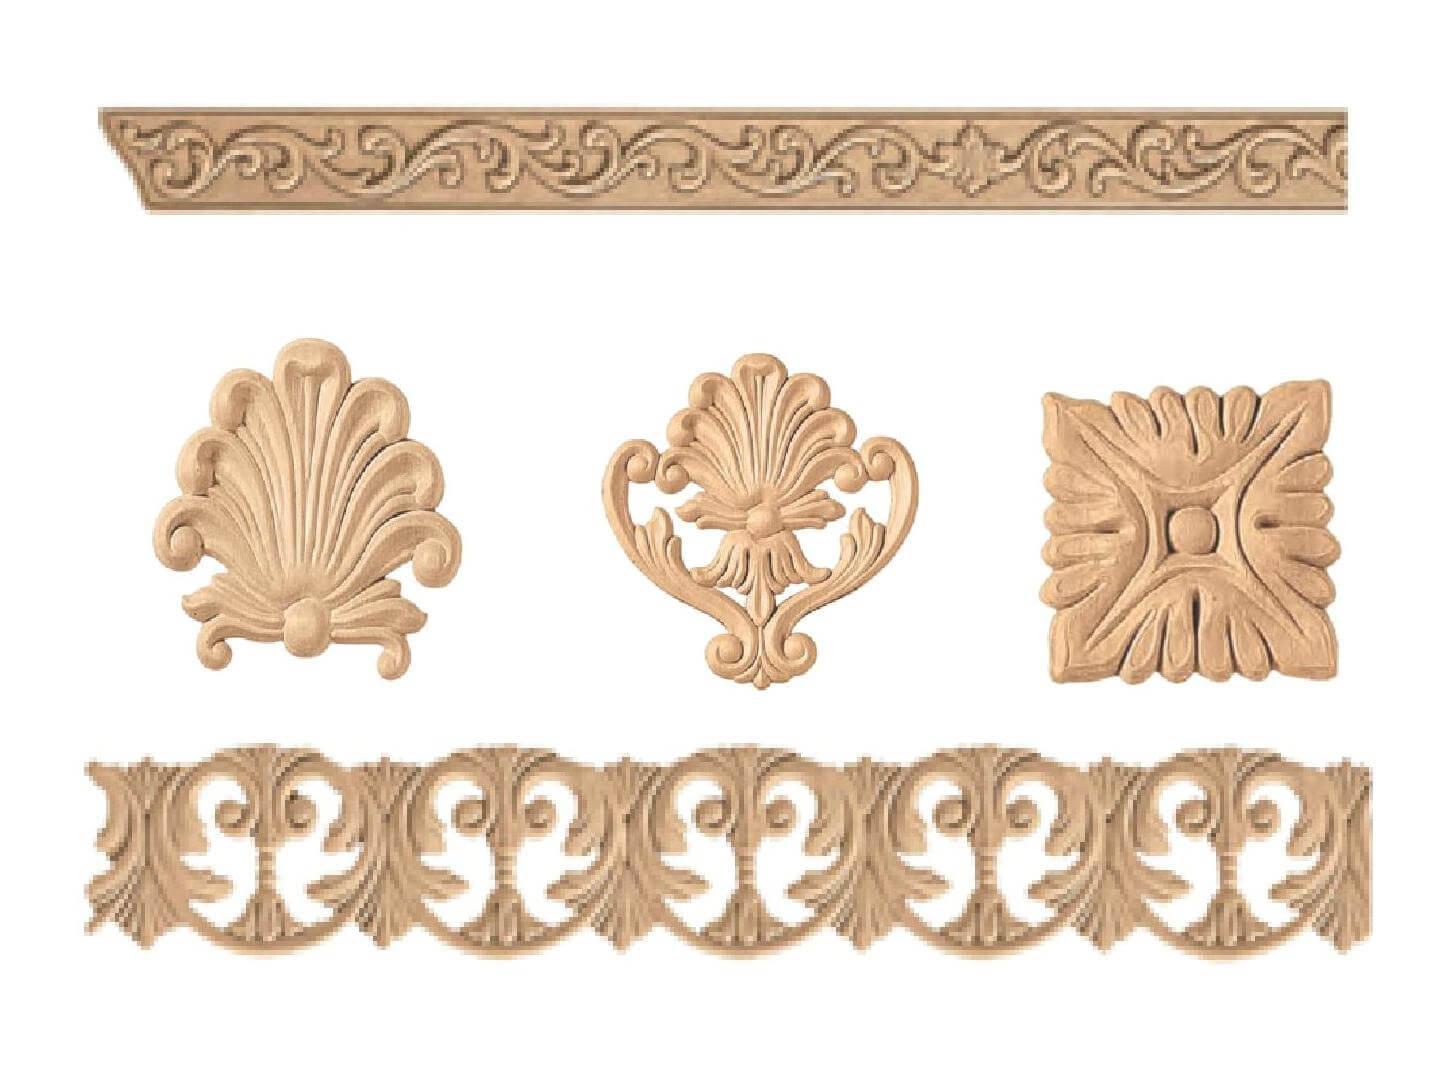 Fregi legno pressato 85748 - Decorazioni legno ...